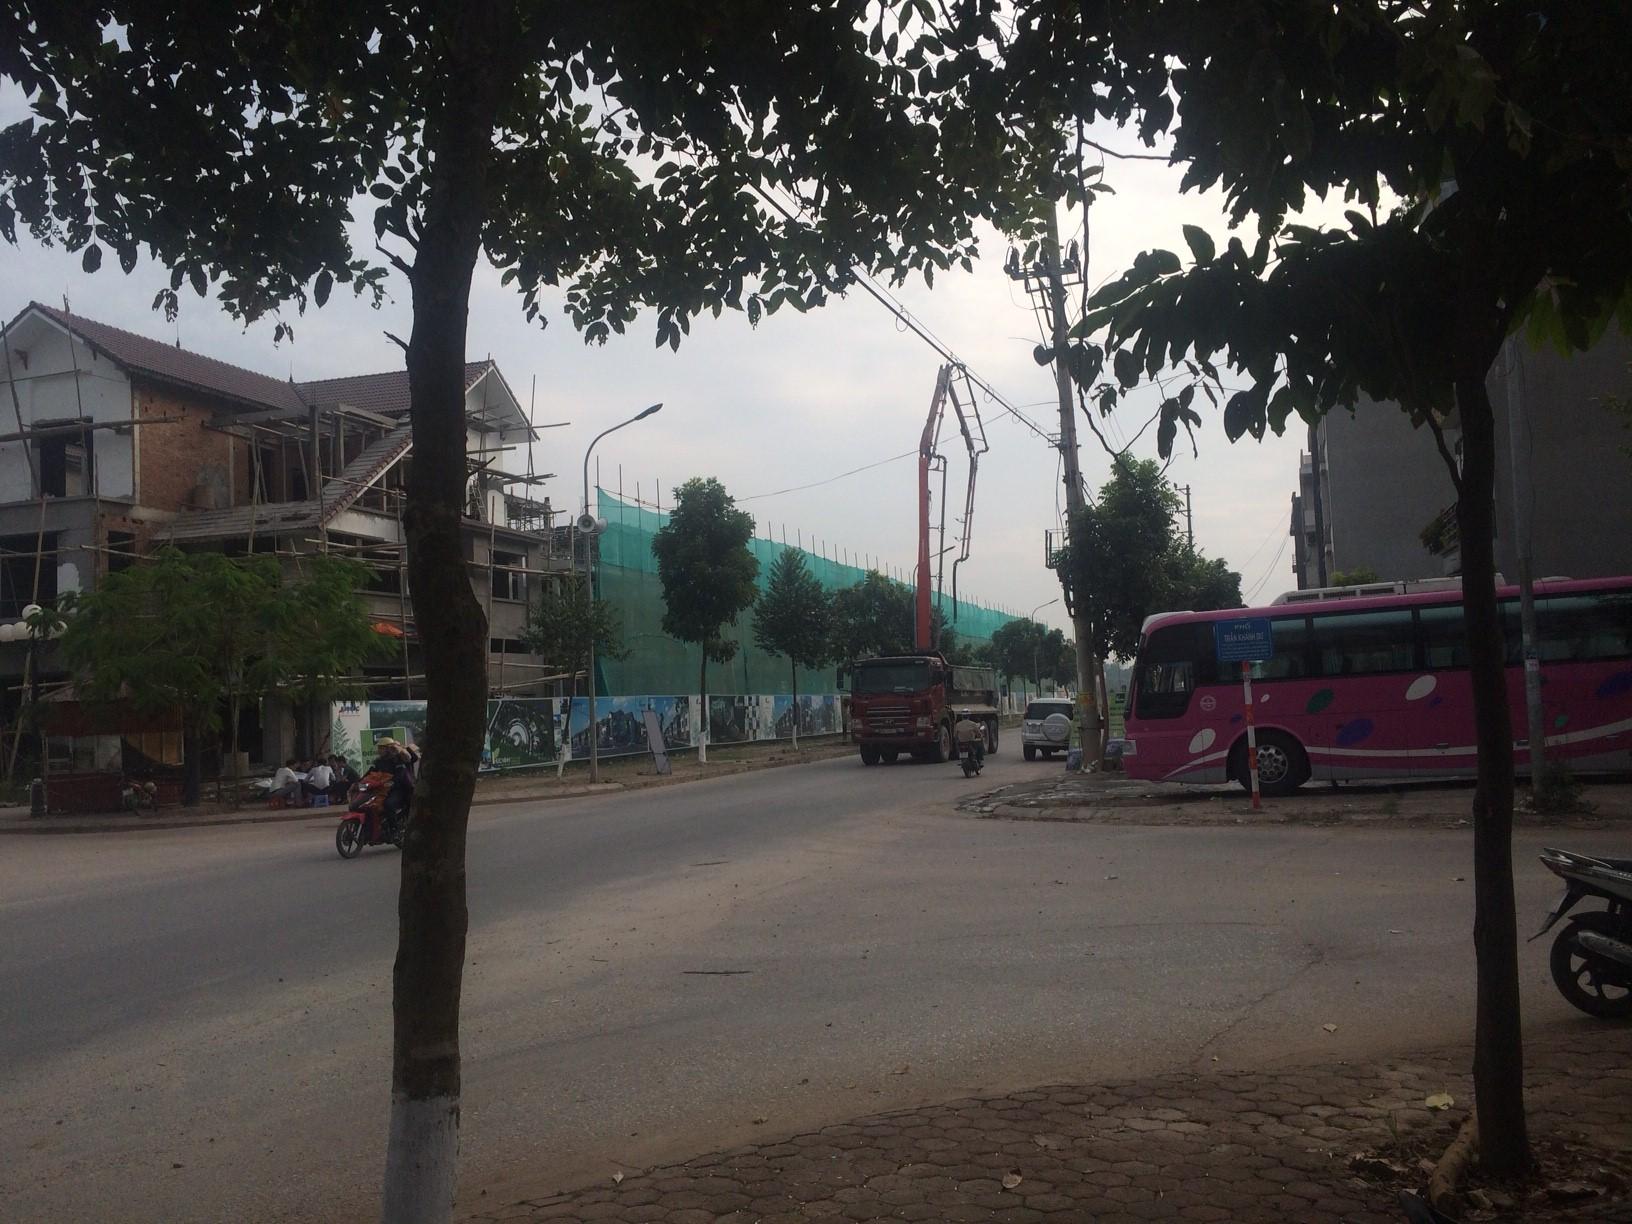 Tien do thi cong du an khu do thi phuc ninh thang 11 (6)